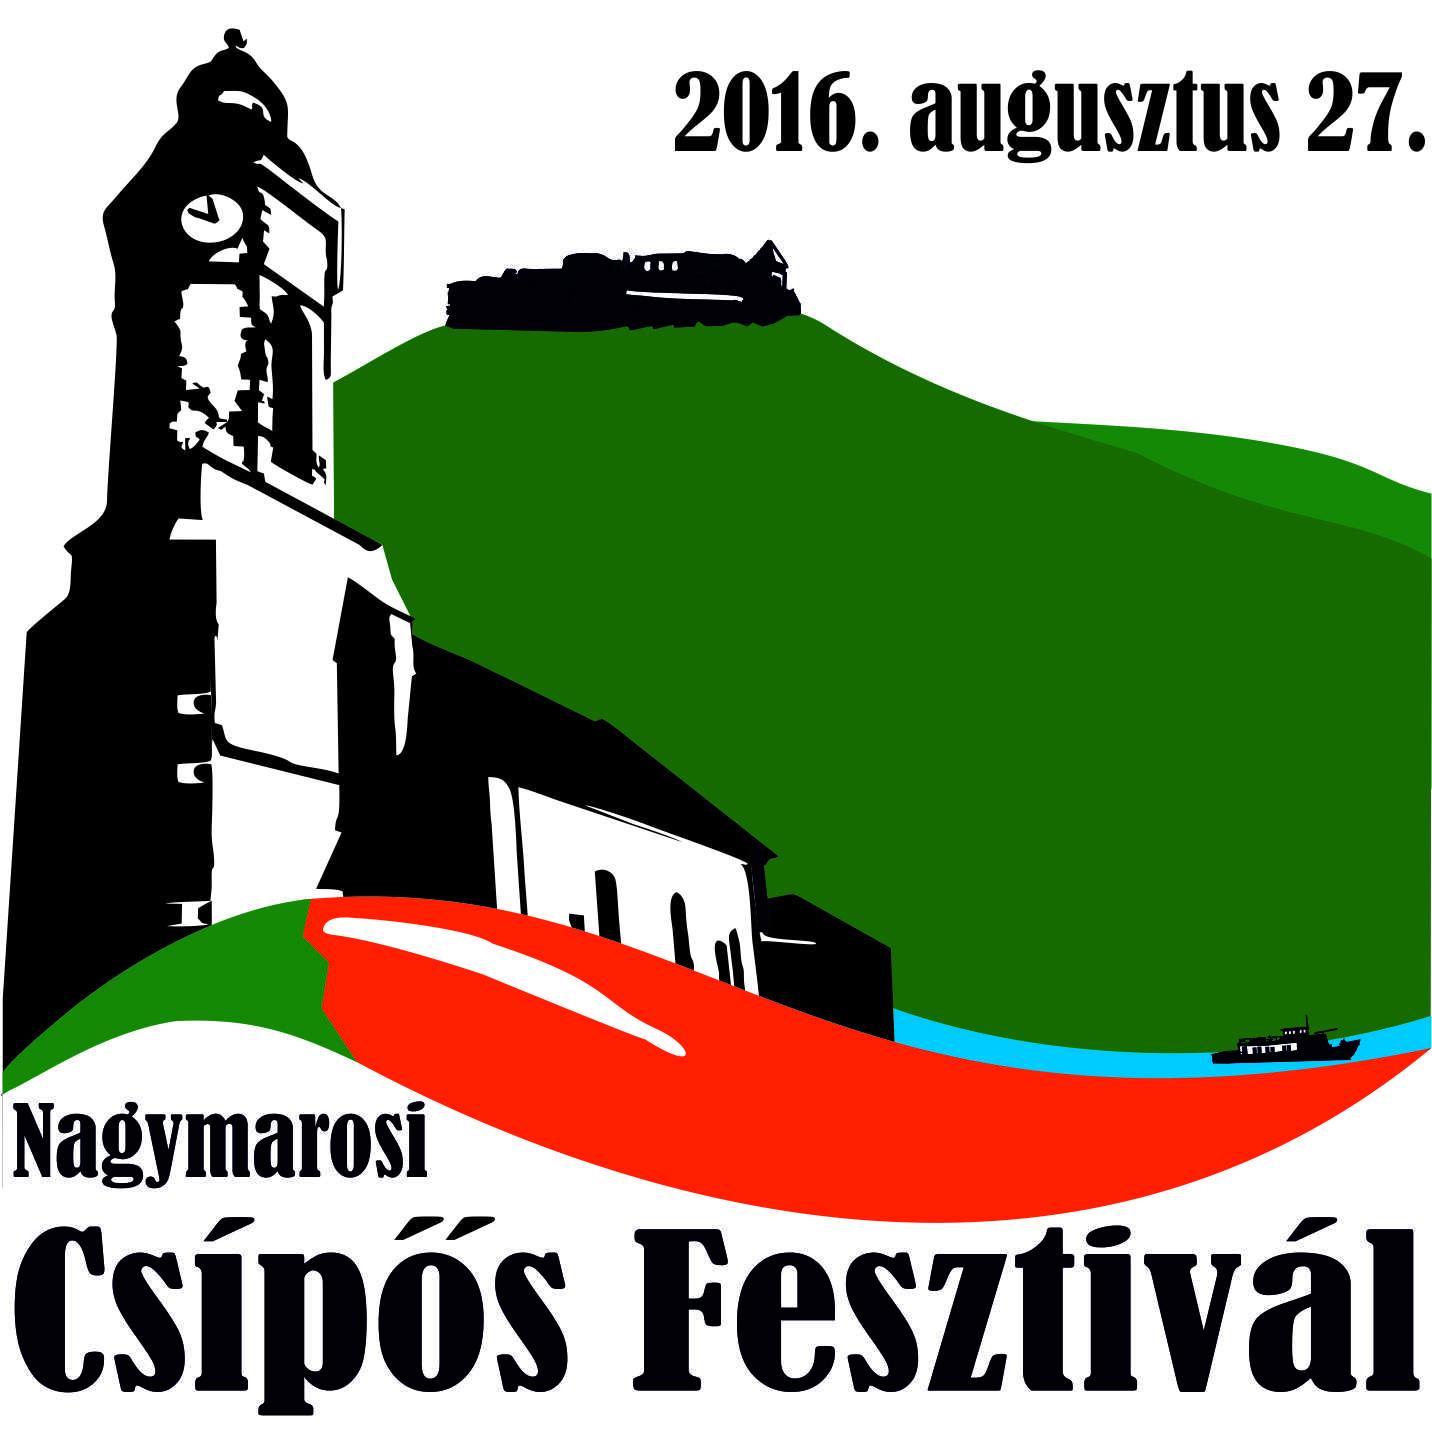 csipos_2016.jpg